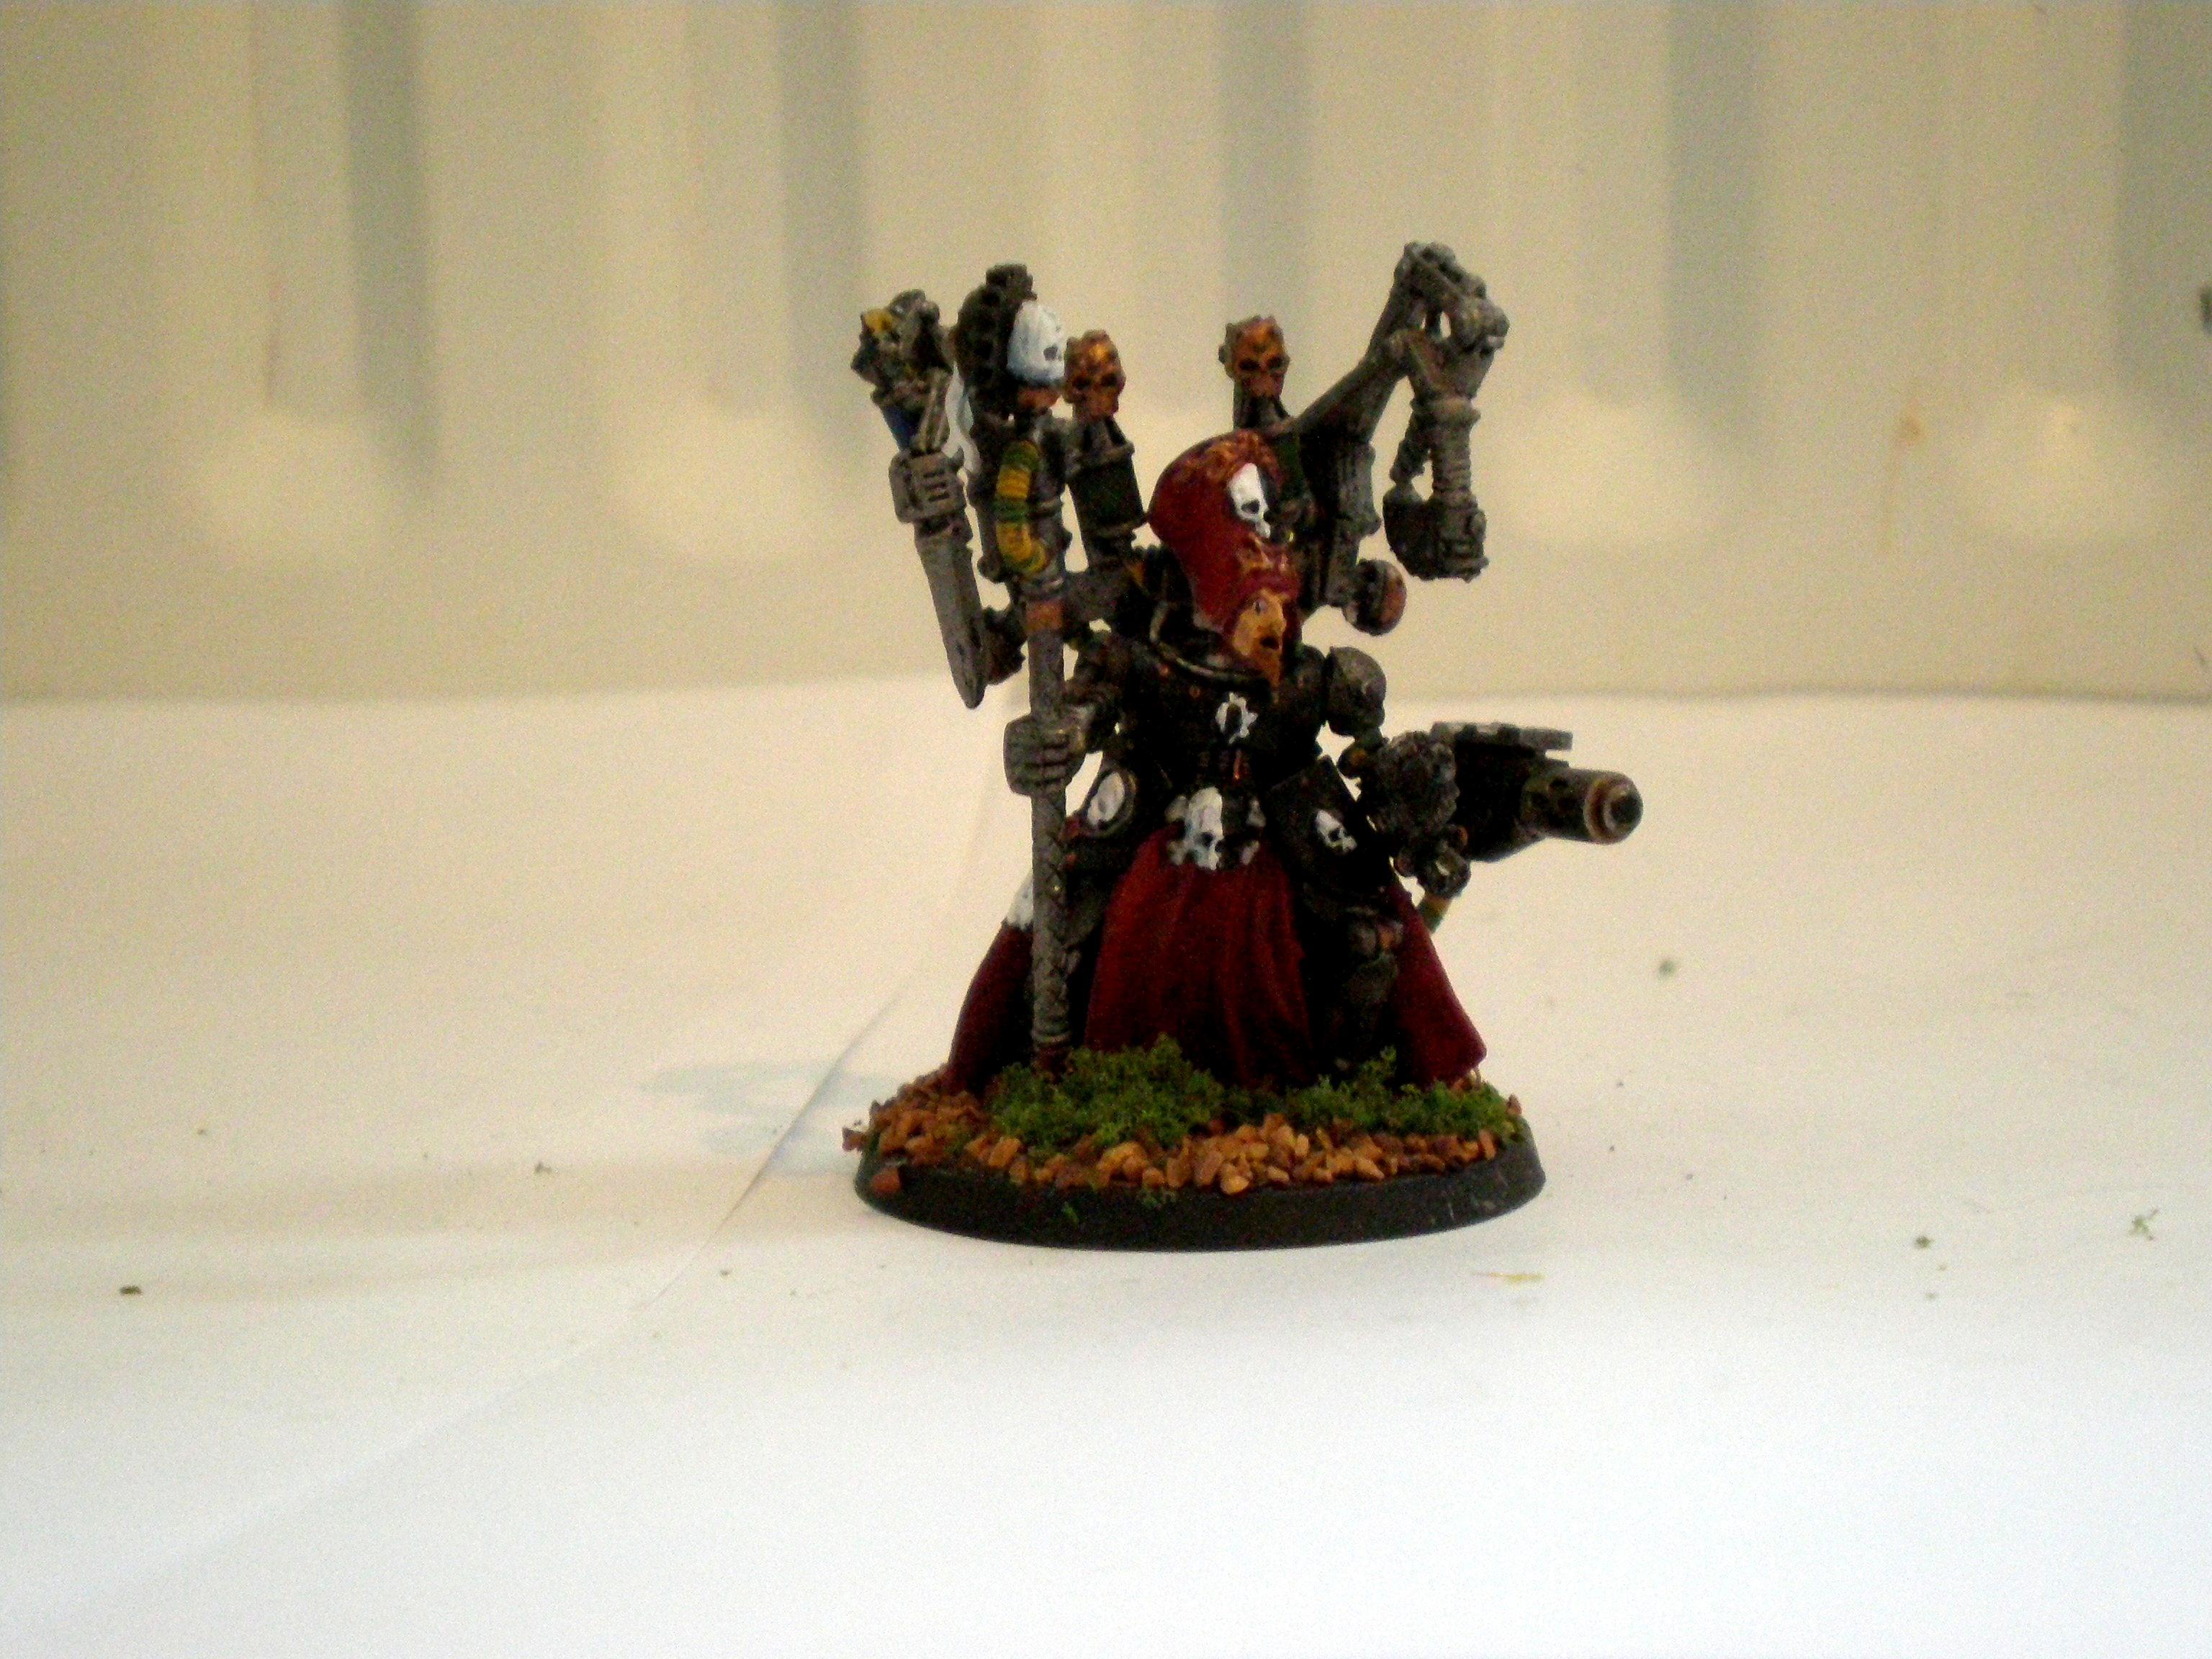 Ad Mech, Adeptus Mechanicus, Magos, Mechanicus, Skitarii, Warhammer 40,000